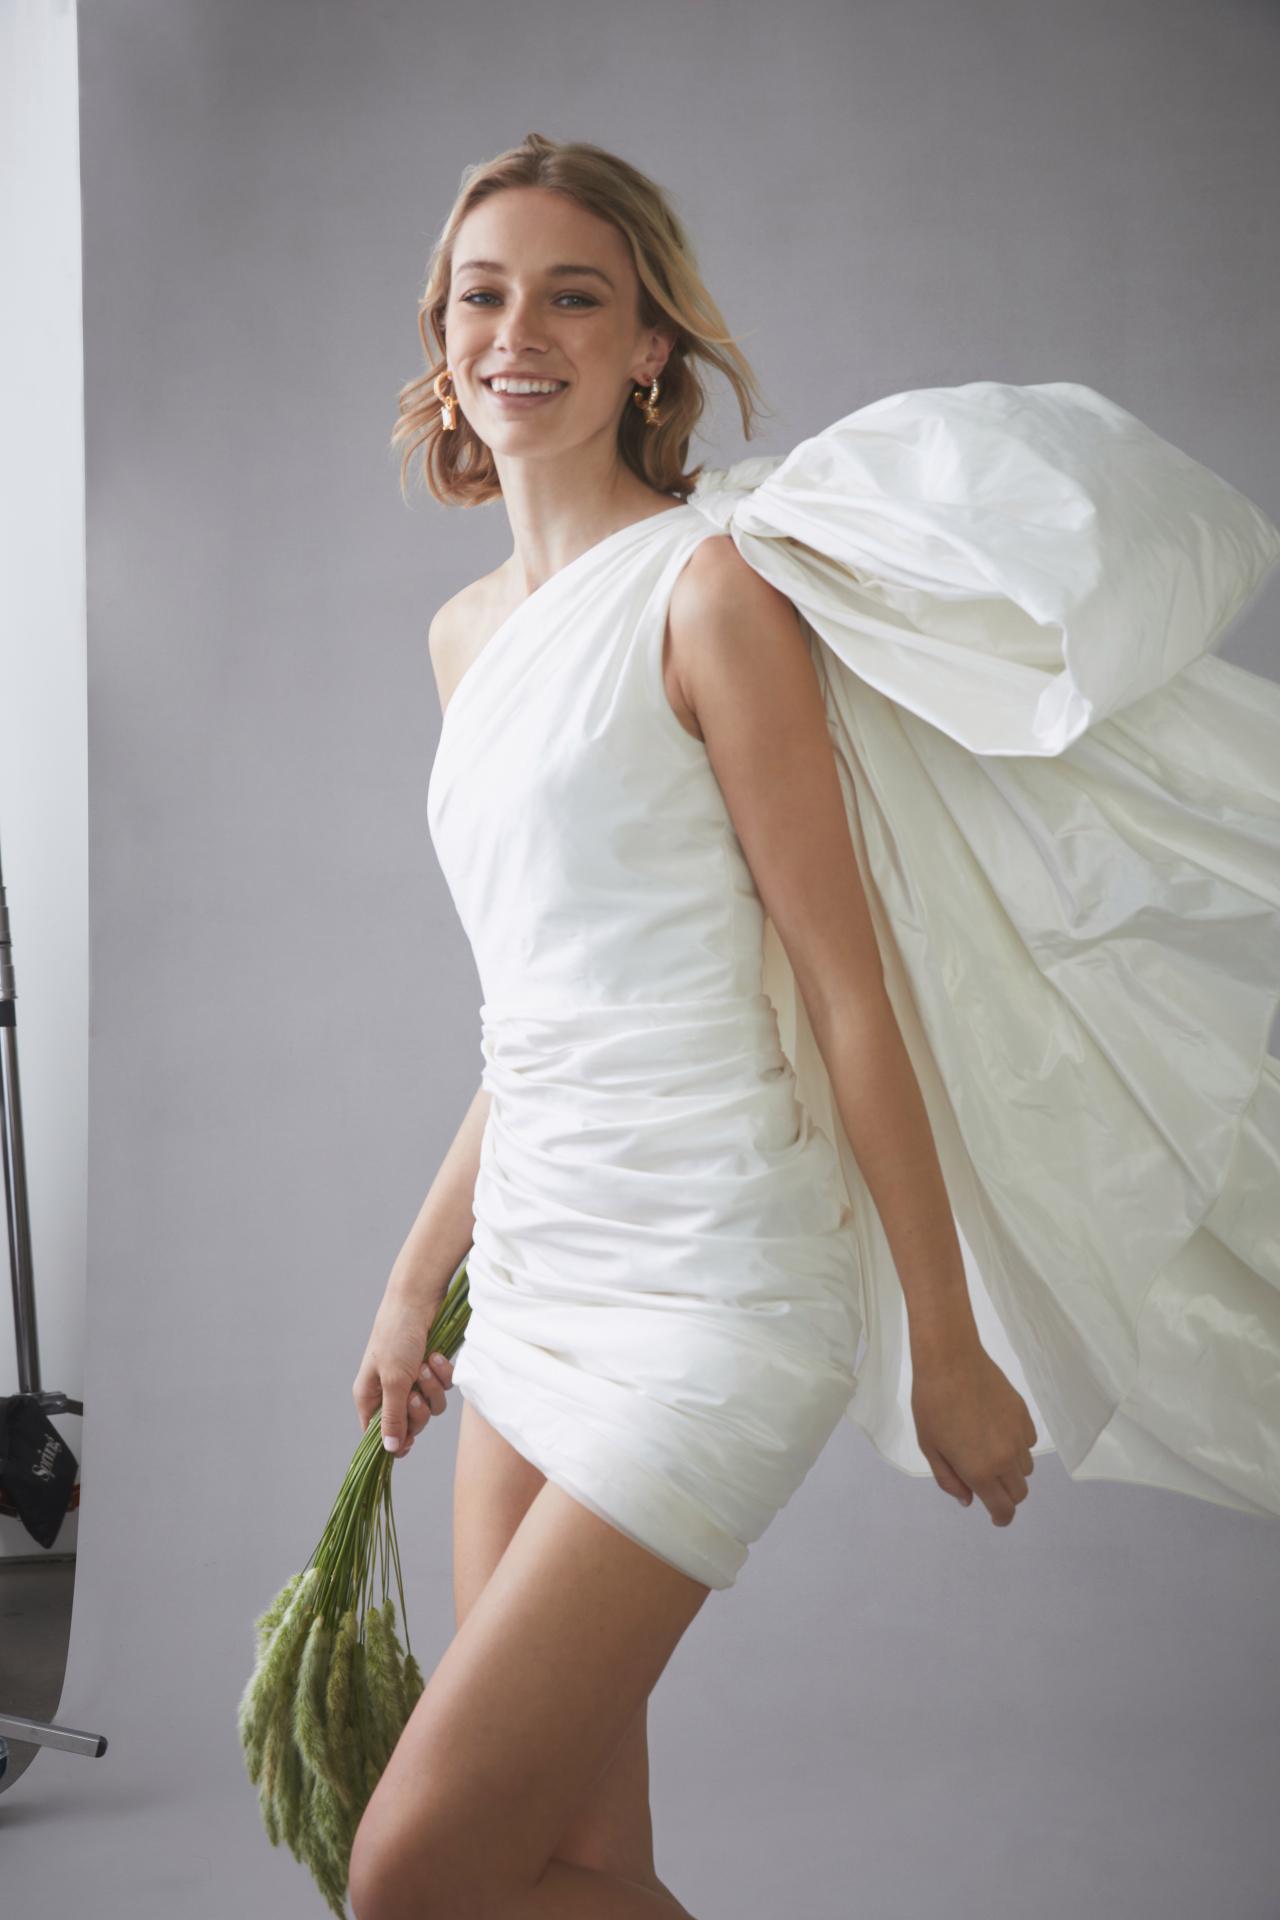 Oscar de la Renta Bridal Spring 2022